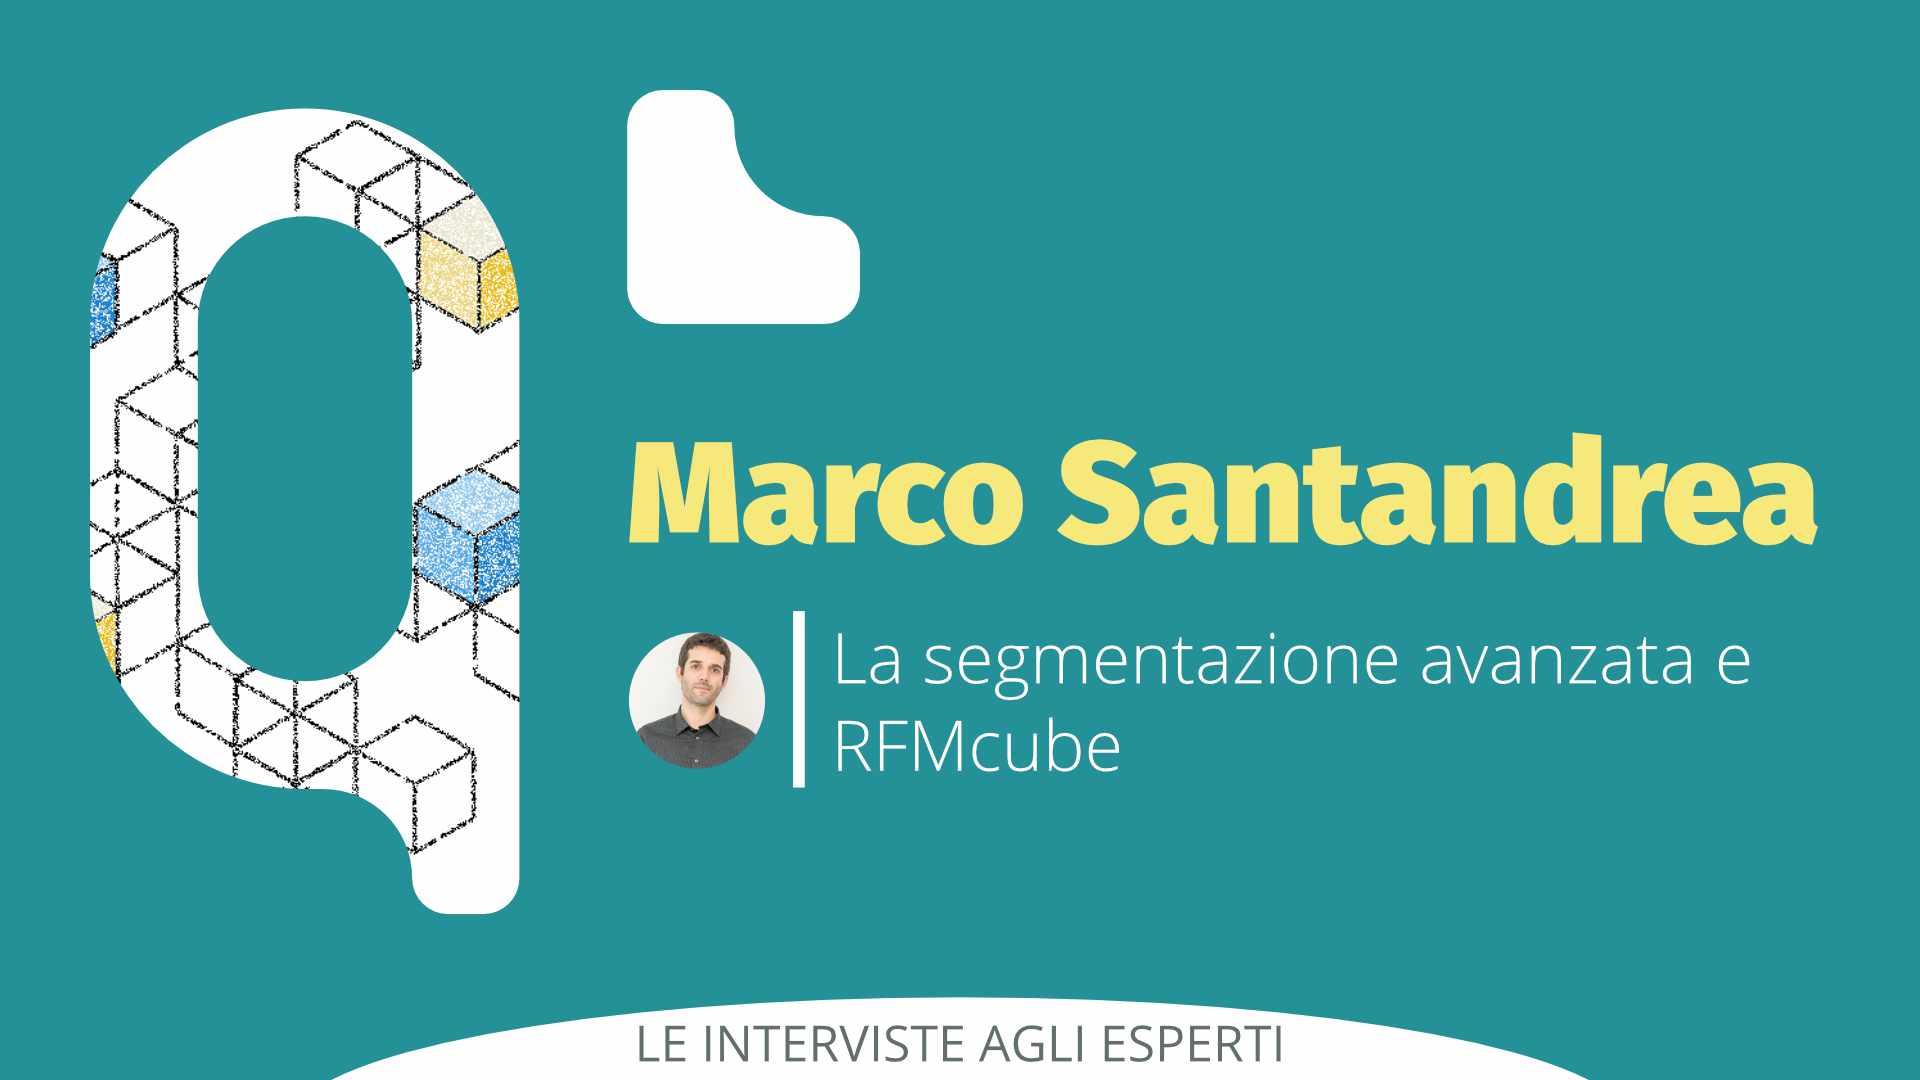 La segmentazione avanzata e RFMcube – Intervista a Marco Santandrea